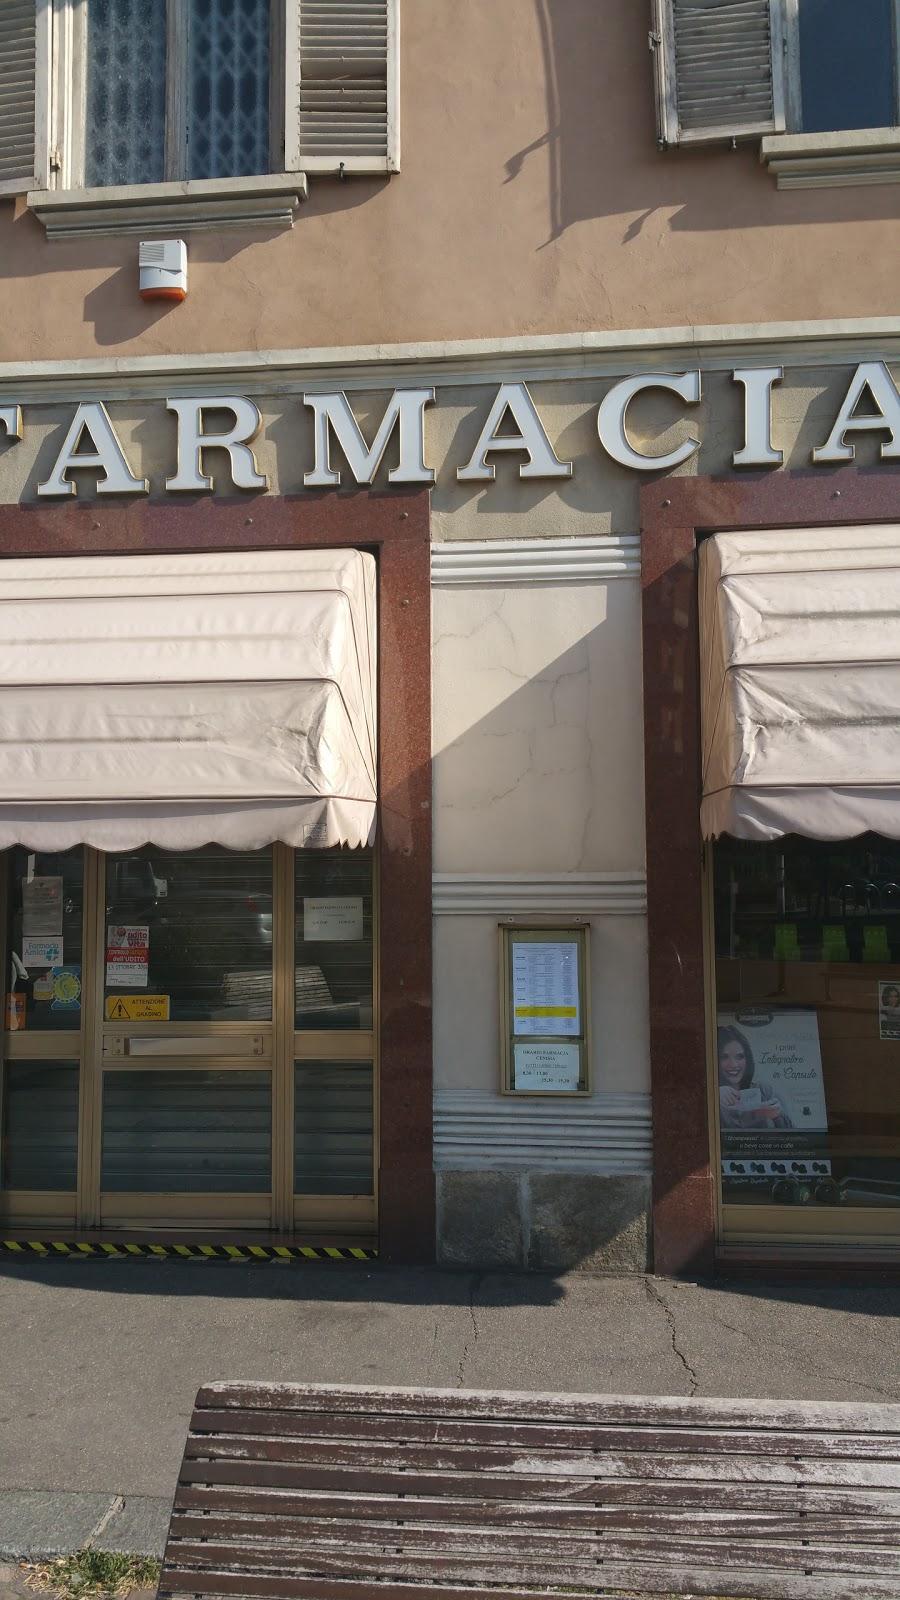 Farmacia Cenisia